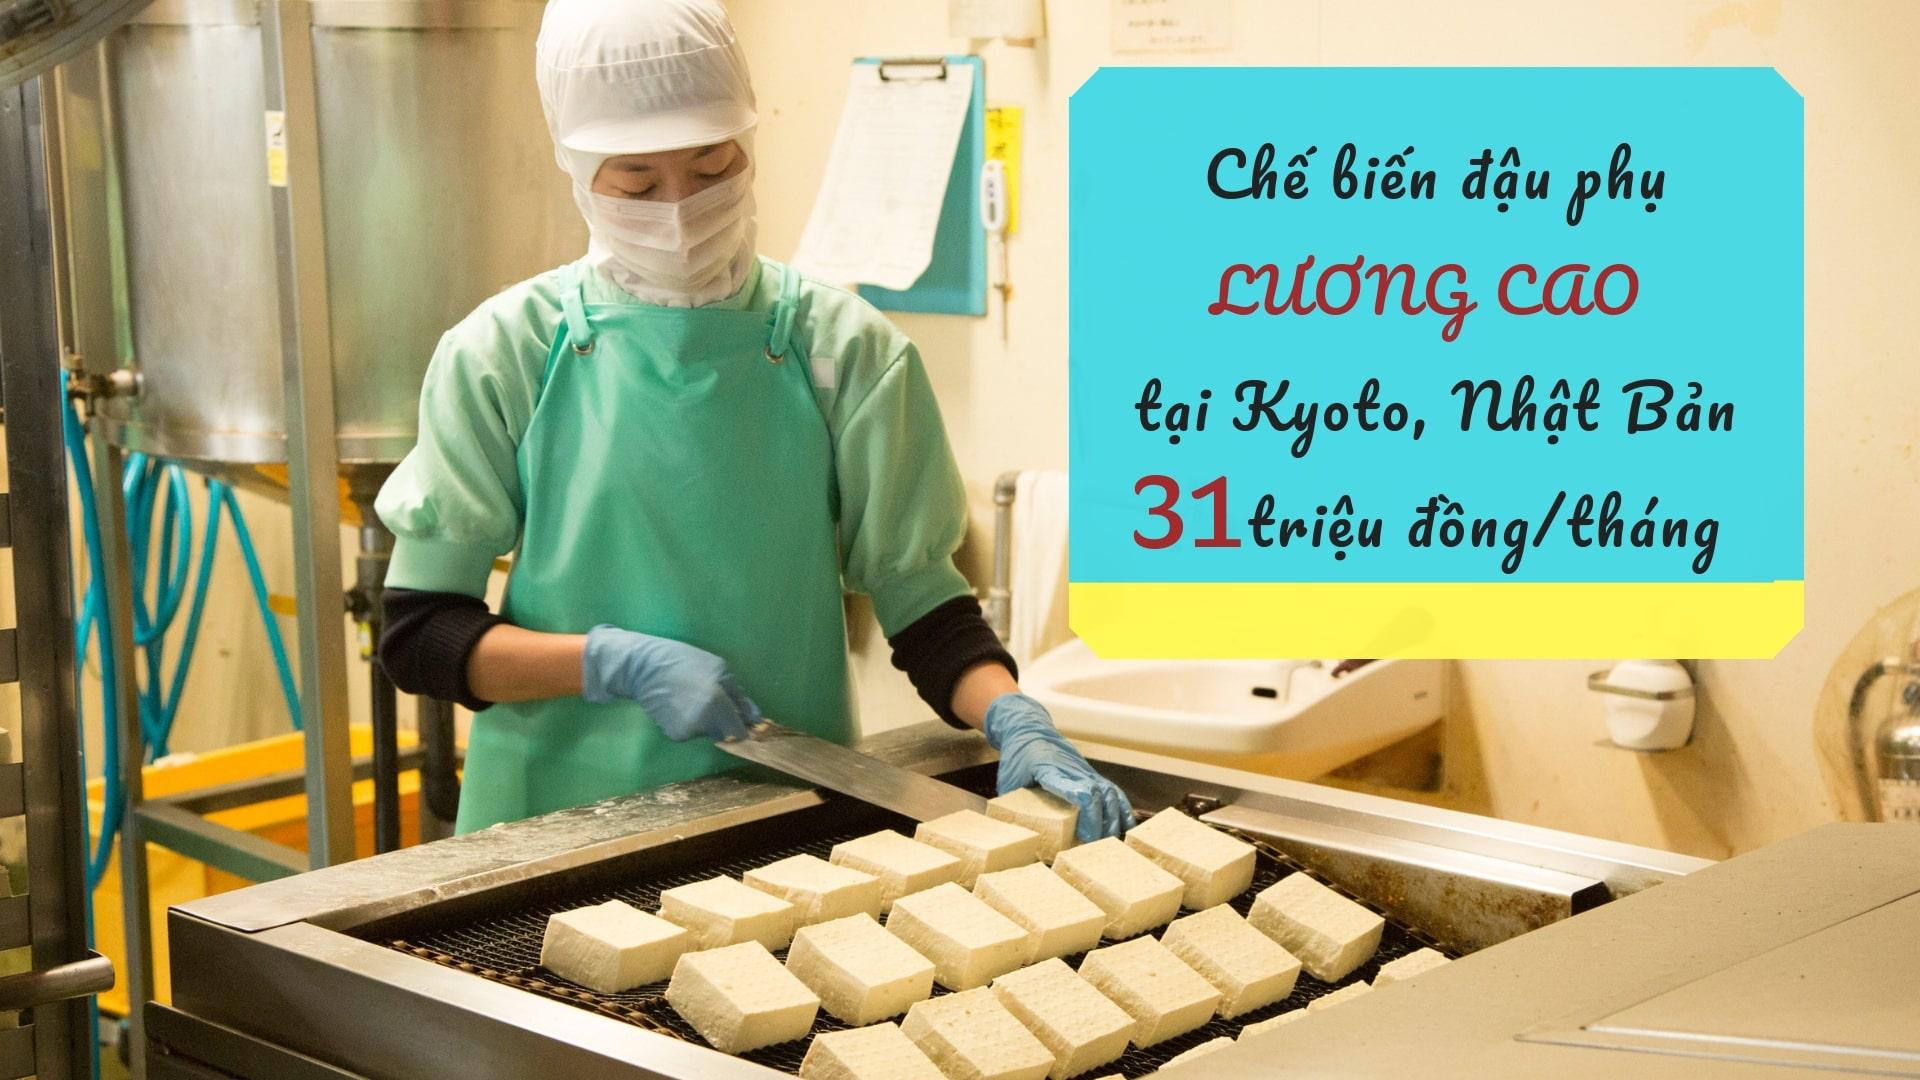 TUYỂN GẤP 15 nam/nữ làm đậu phụ tại Kyoto, Nhật Bản CỰC NHÀN, LƯƠNG CAO